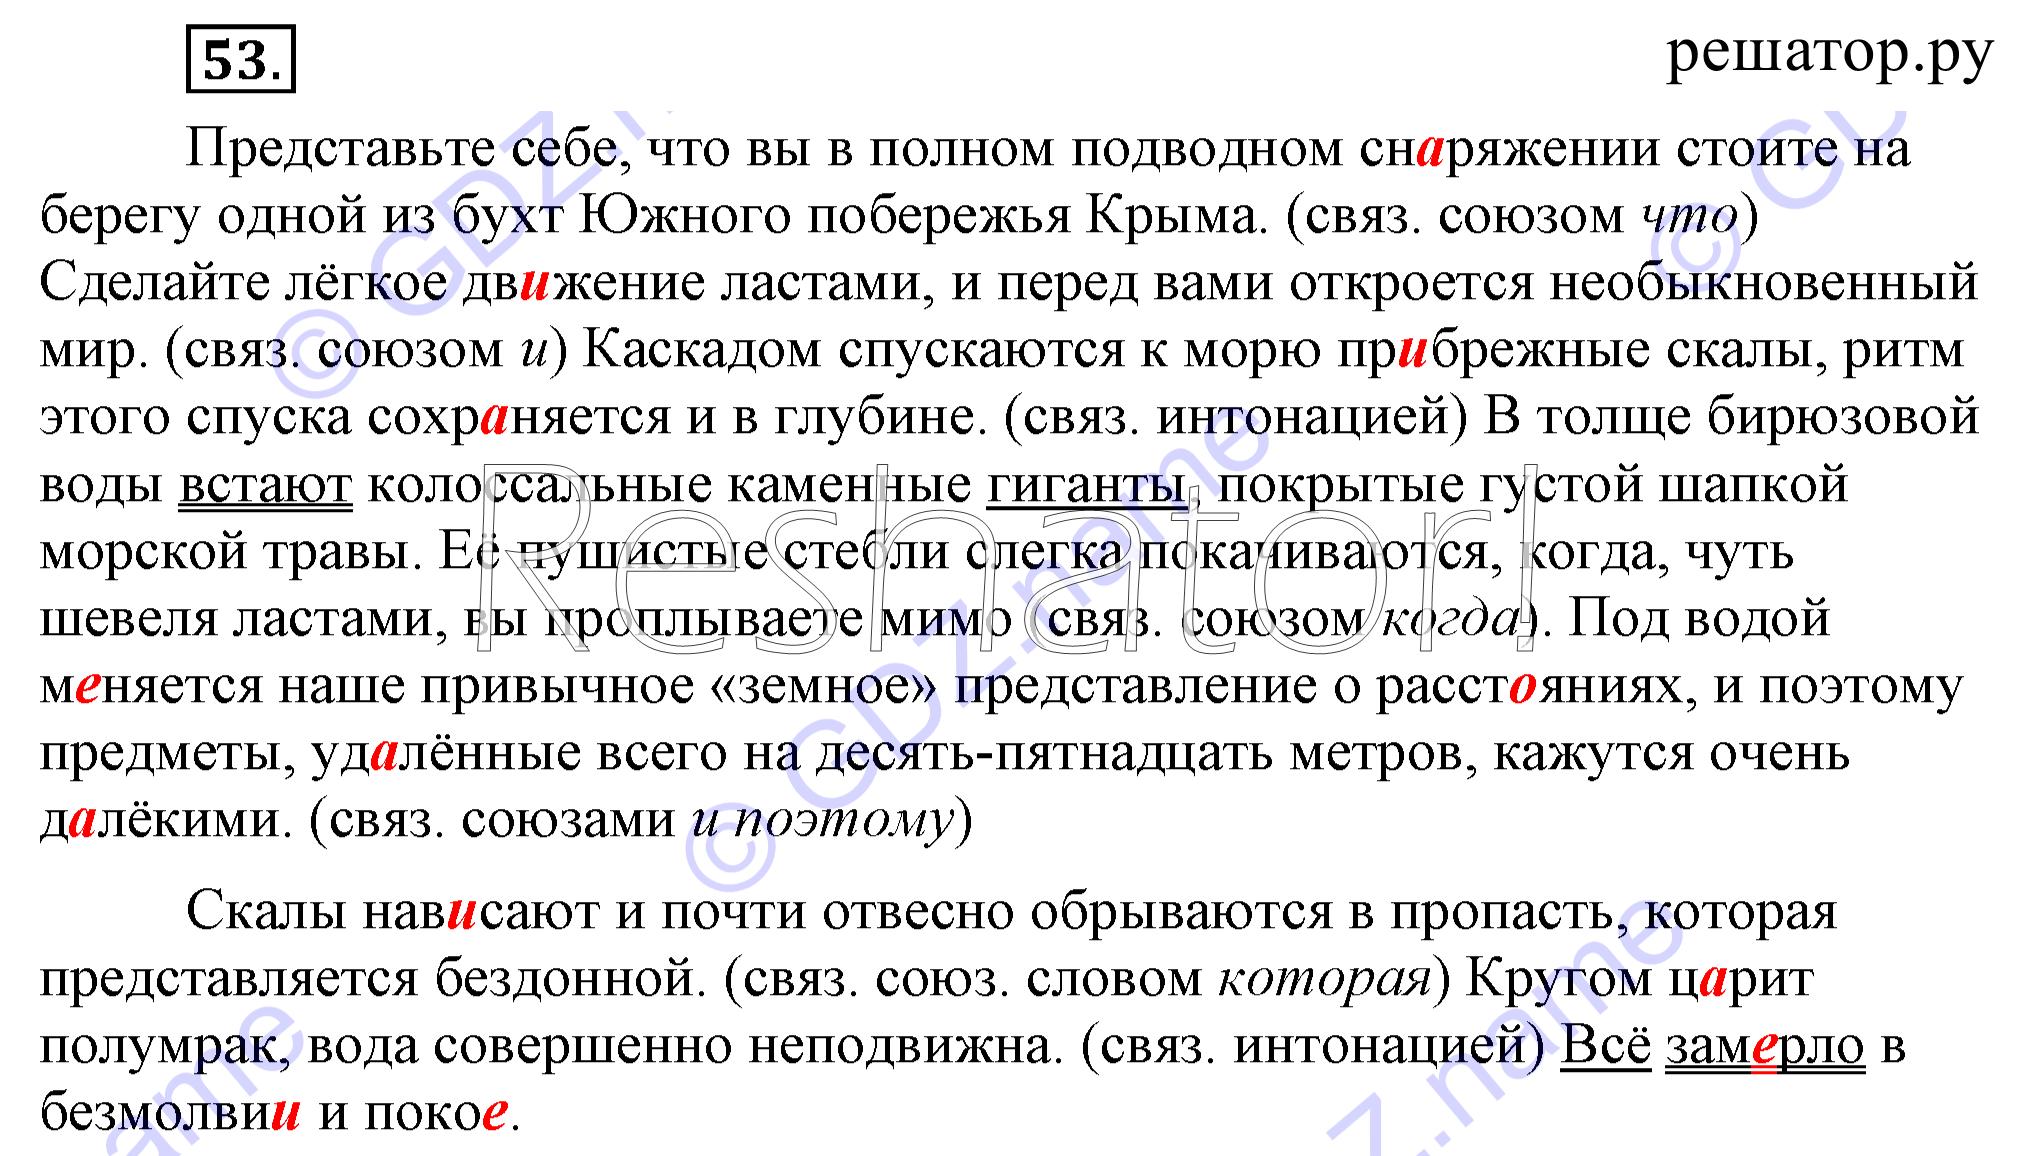 Гдз по русскому 9 класс бархударов онлайн